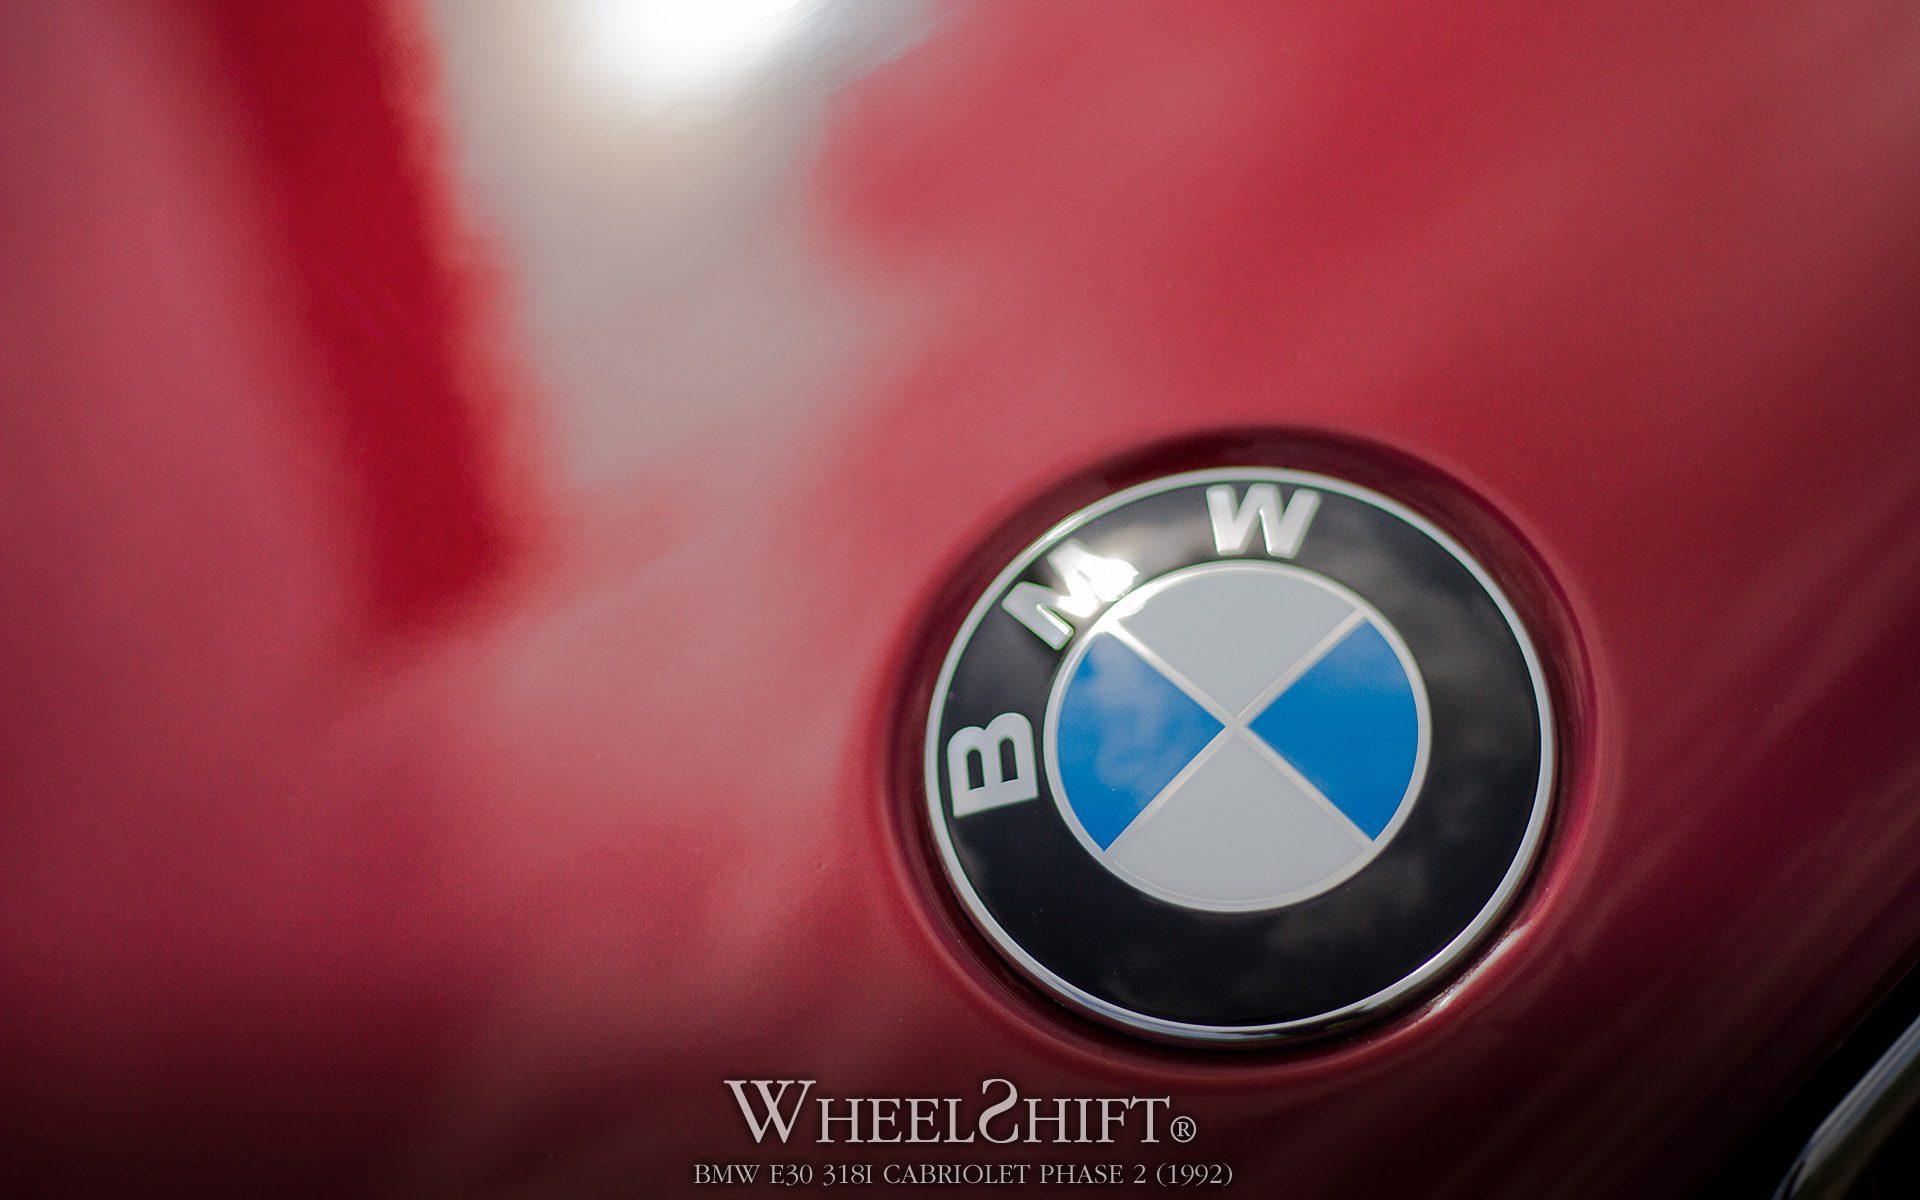 BMW E30 318i Cabriolet Phase 2 (1992)